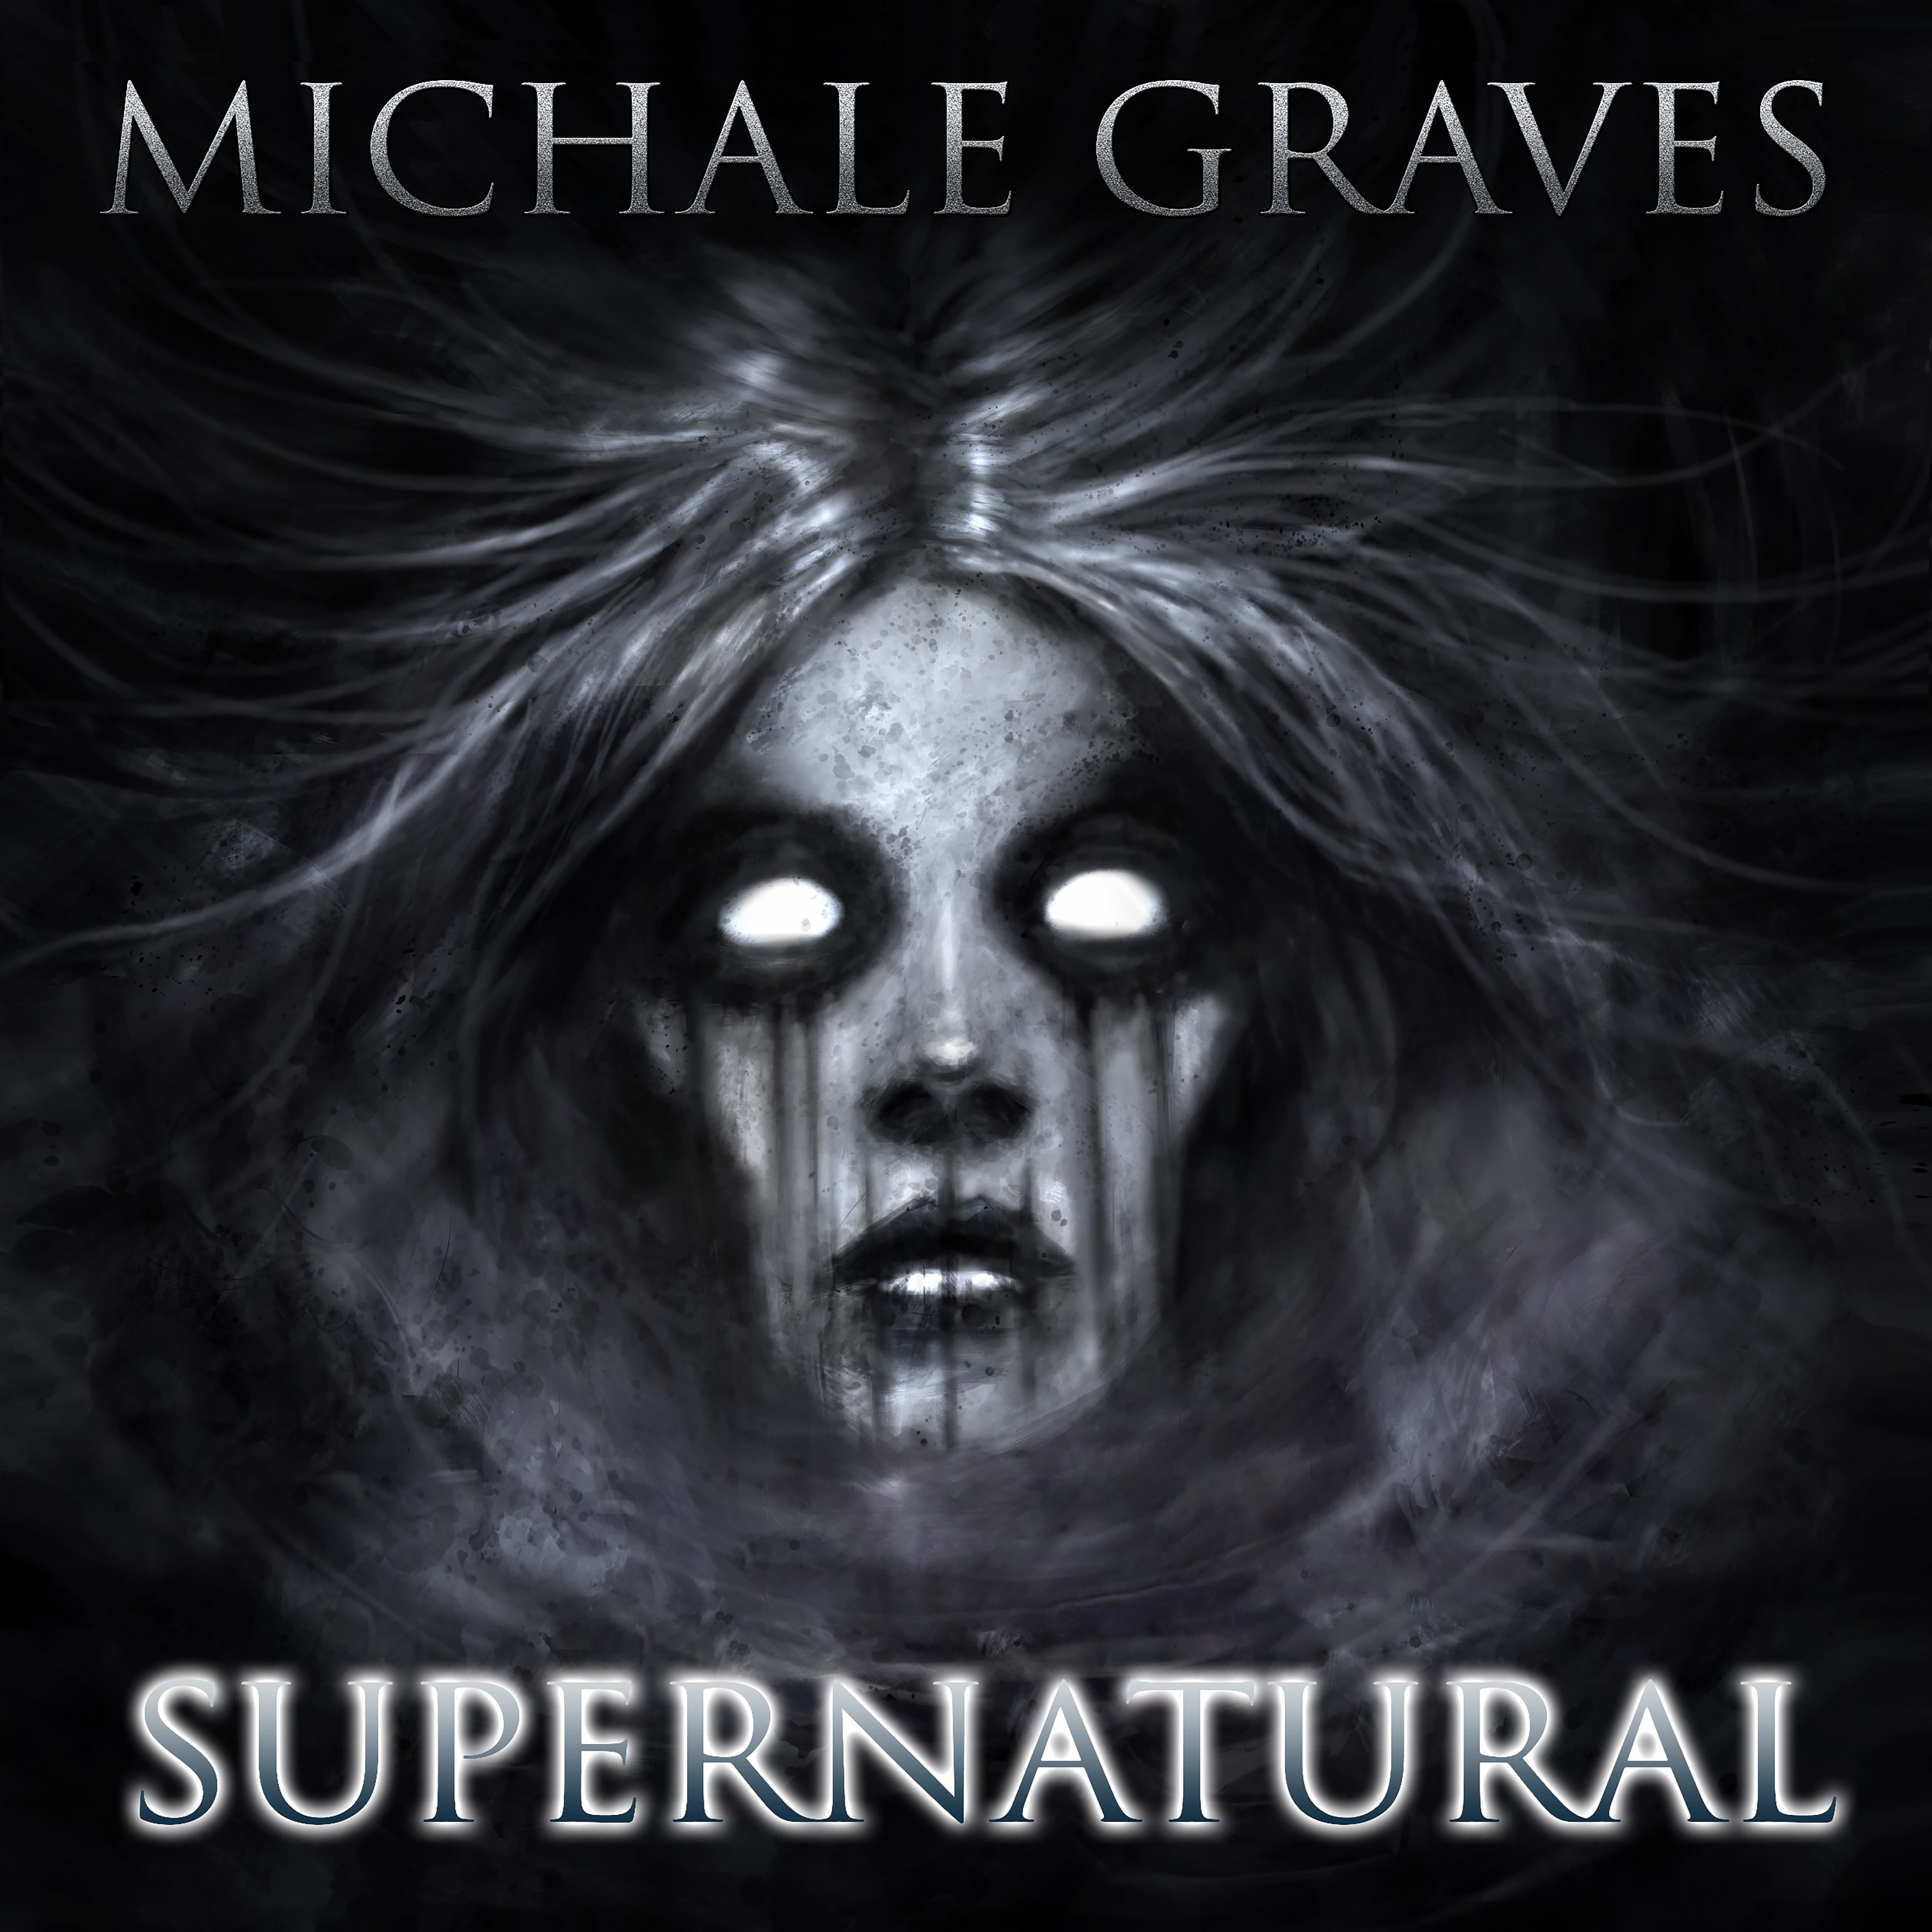 Michale GravesSupernatural[Special Order]